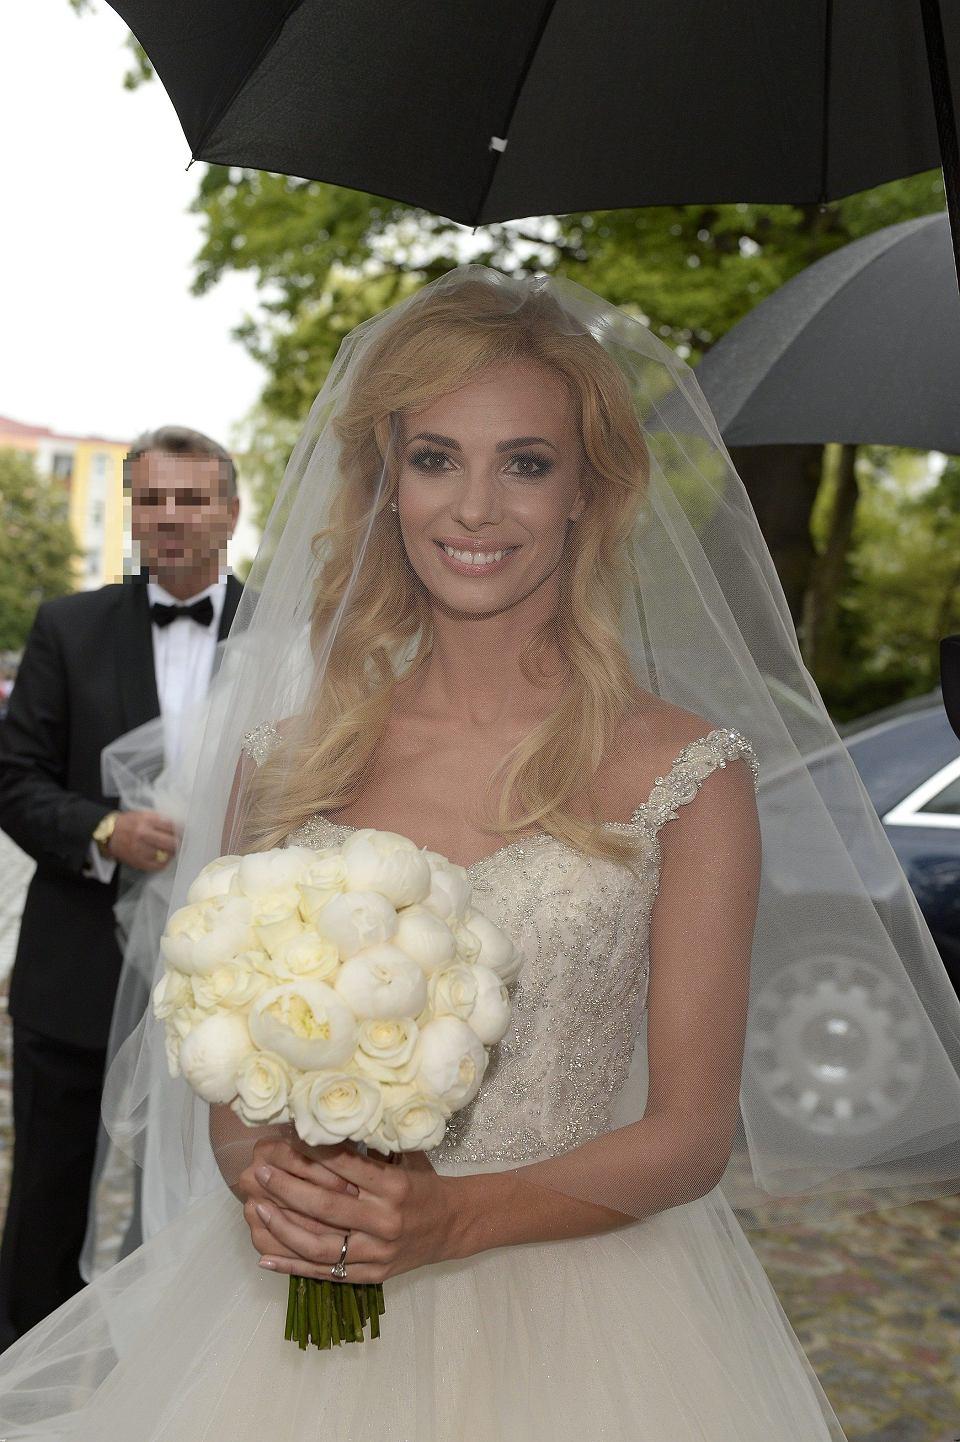 db4978360c Janachowska suknię ślubną kupiła w Dubaju  Poszło błyskawicznie. Mają tam  opracowany specjalny system